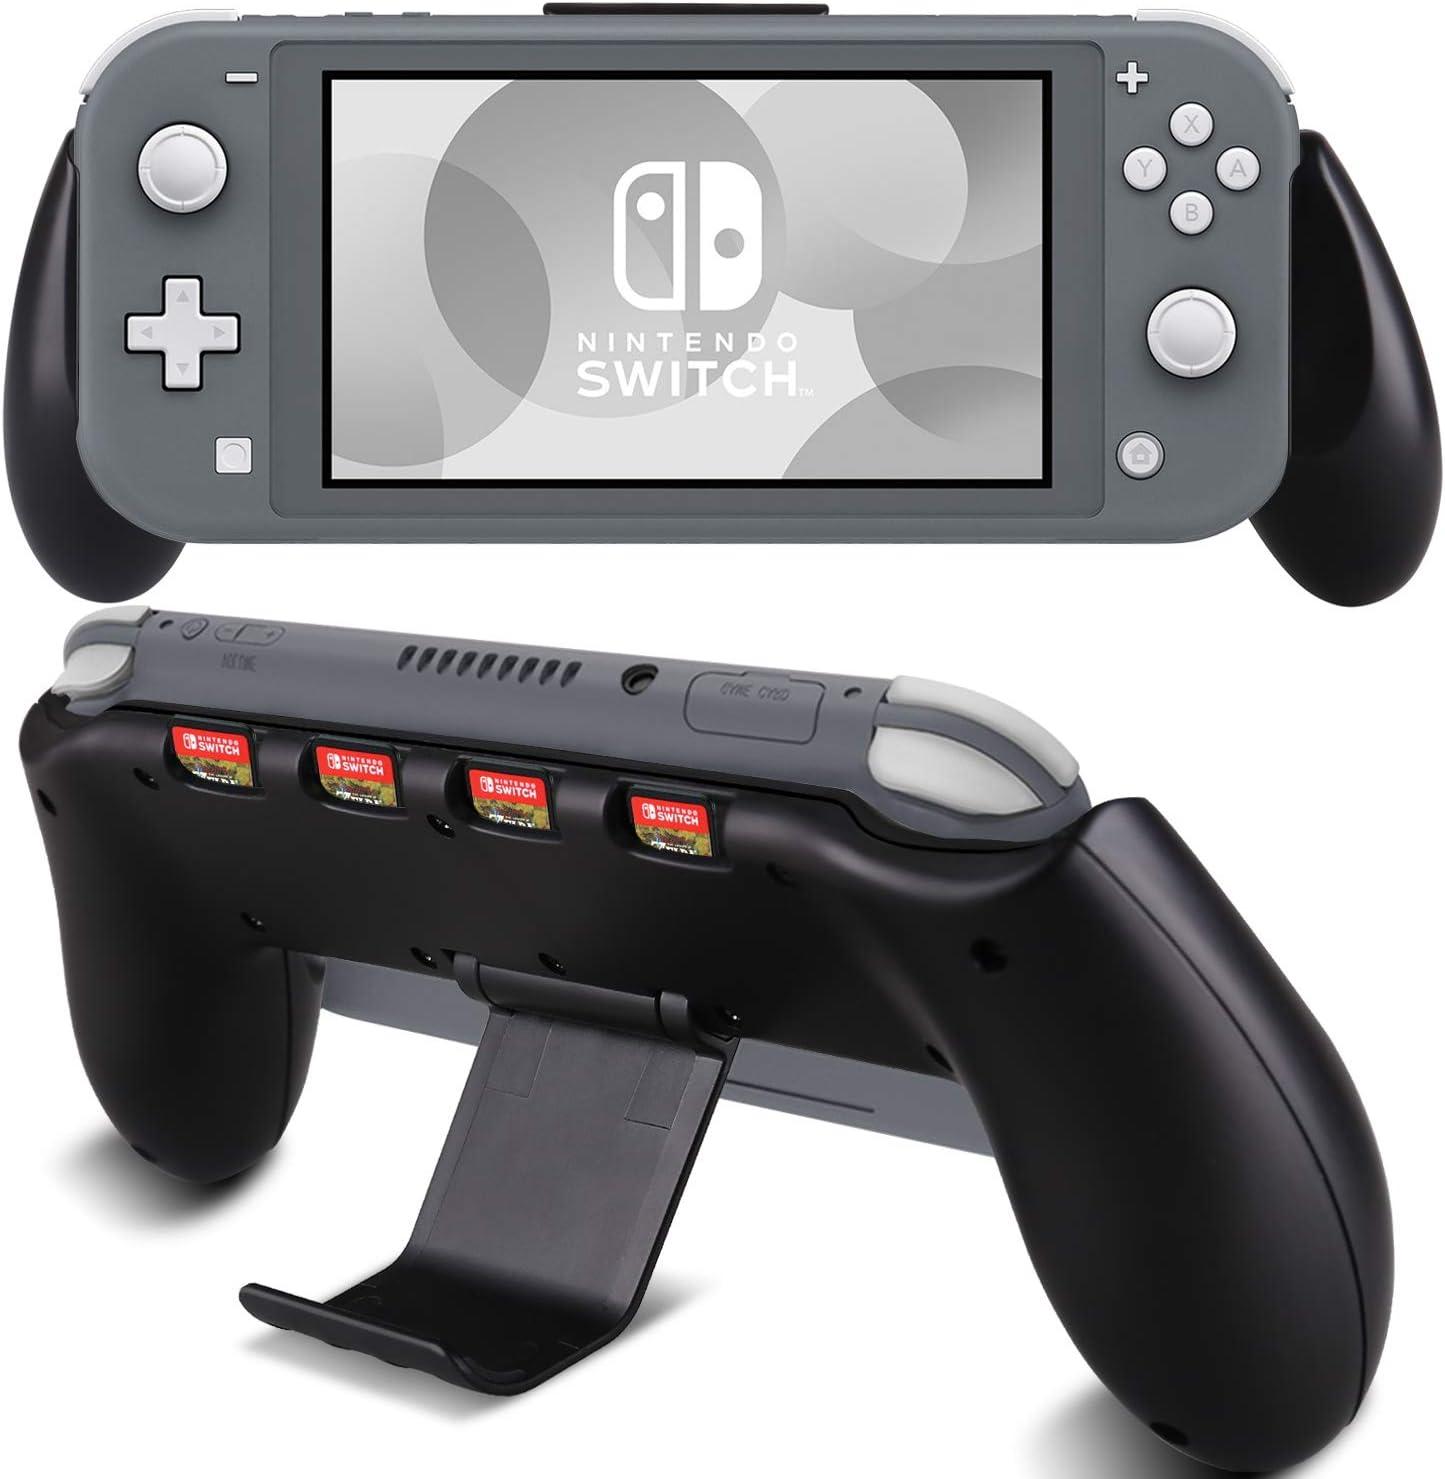 KINGTOP Funda con Manija Consola Funda con Sostener para Nintendo Switch Lite Antideslizante Acolchada Antiarañazos a prueba de golpes - Negro: Amazon.es: Videojuegos